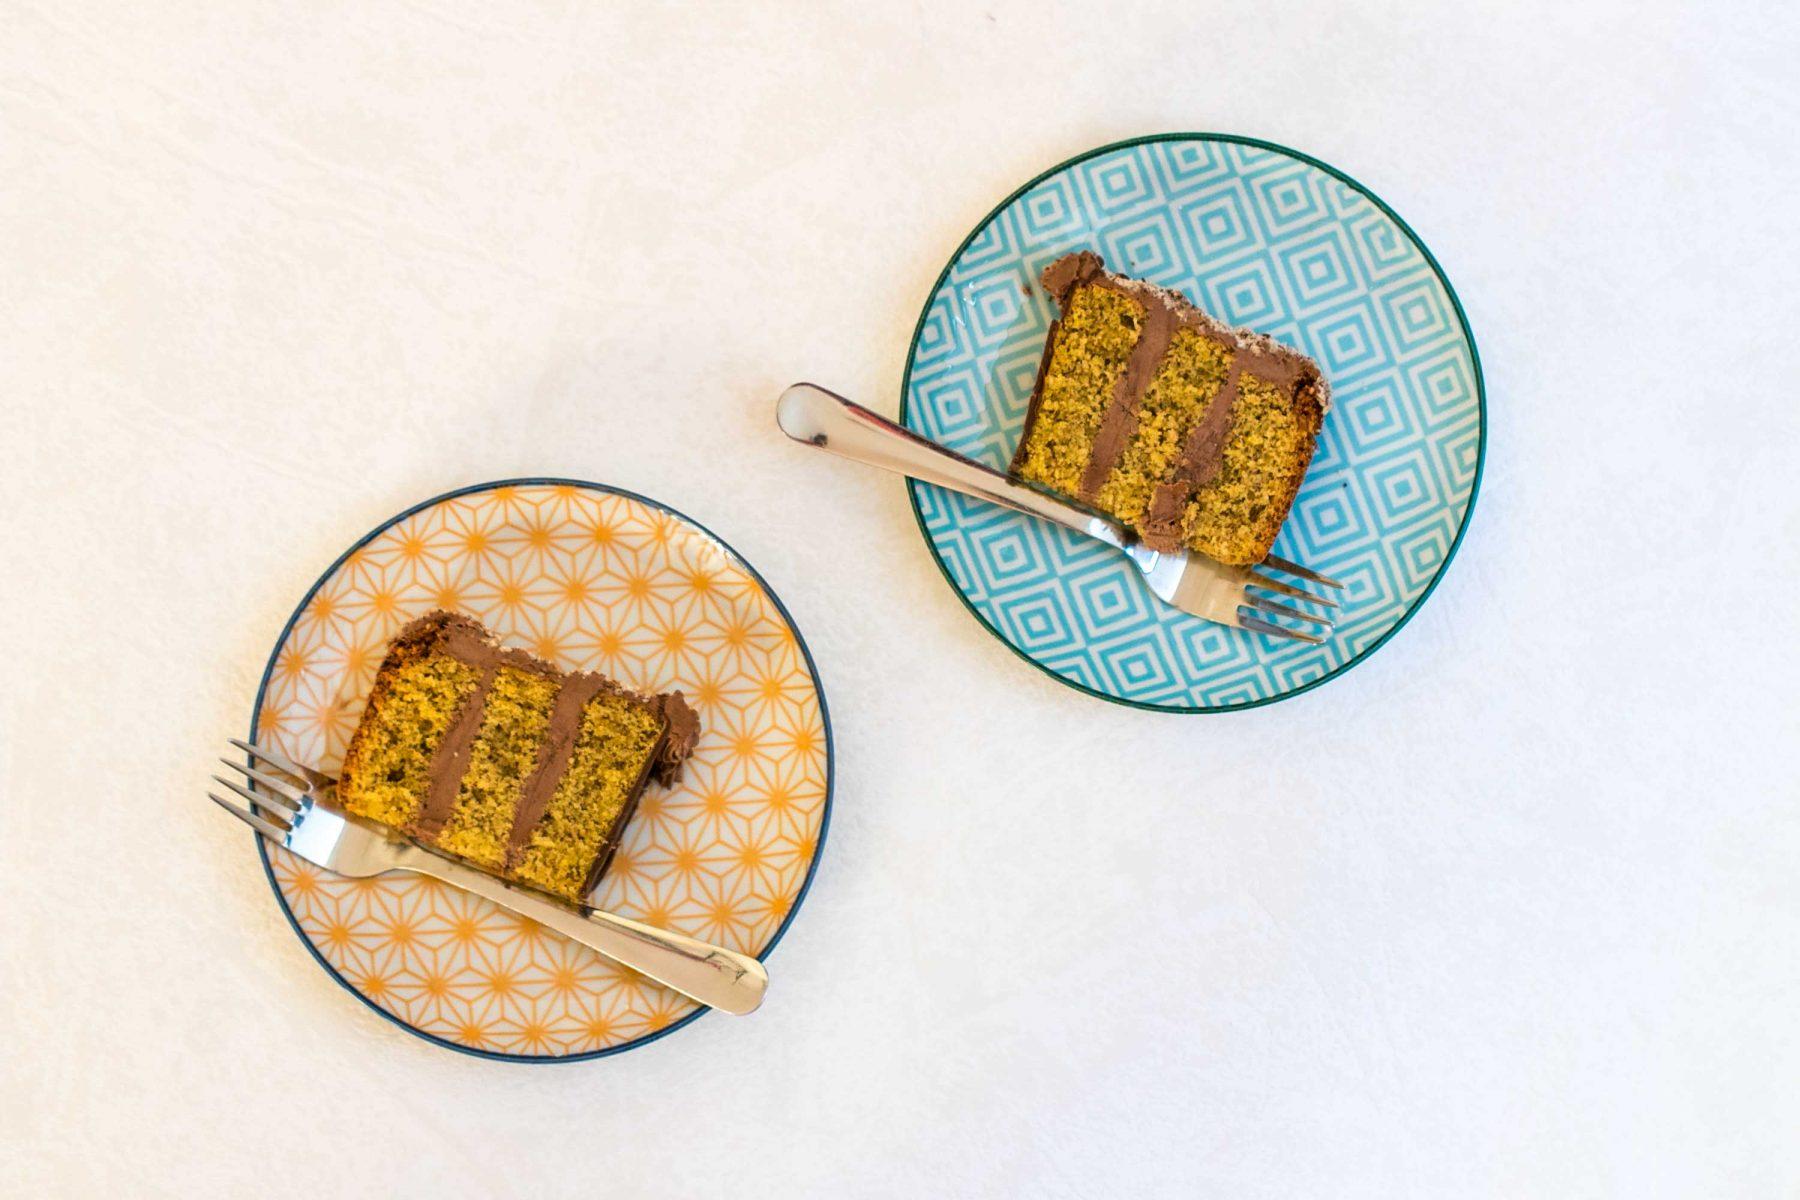 Dva rezy orechovej torty na tanierikoch.